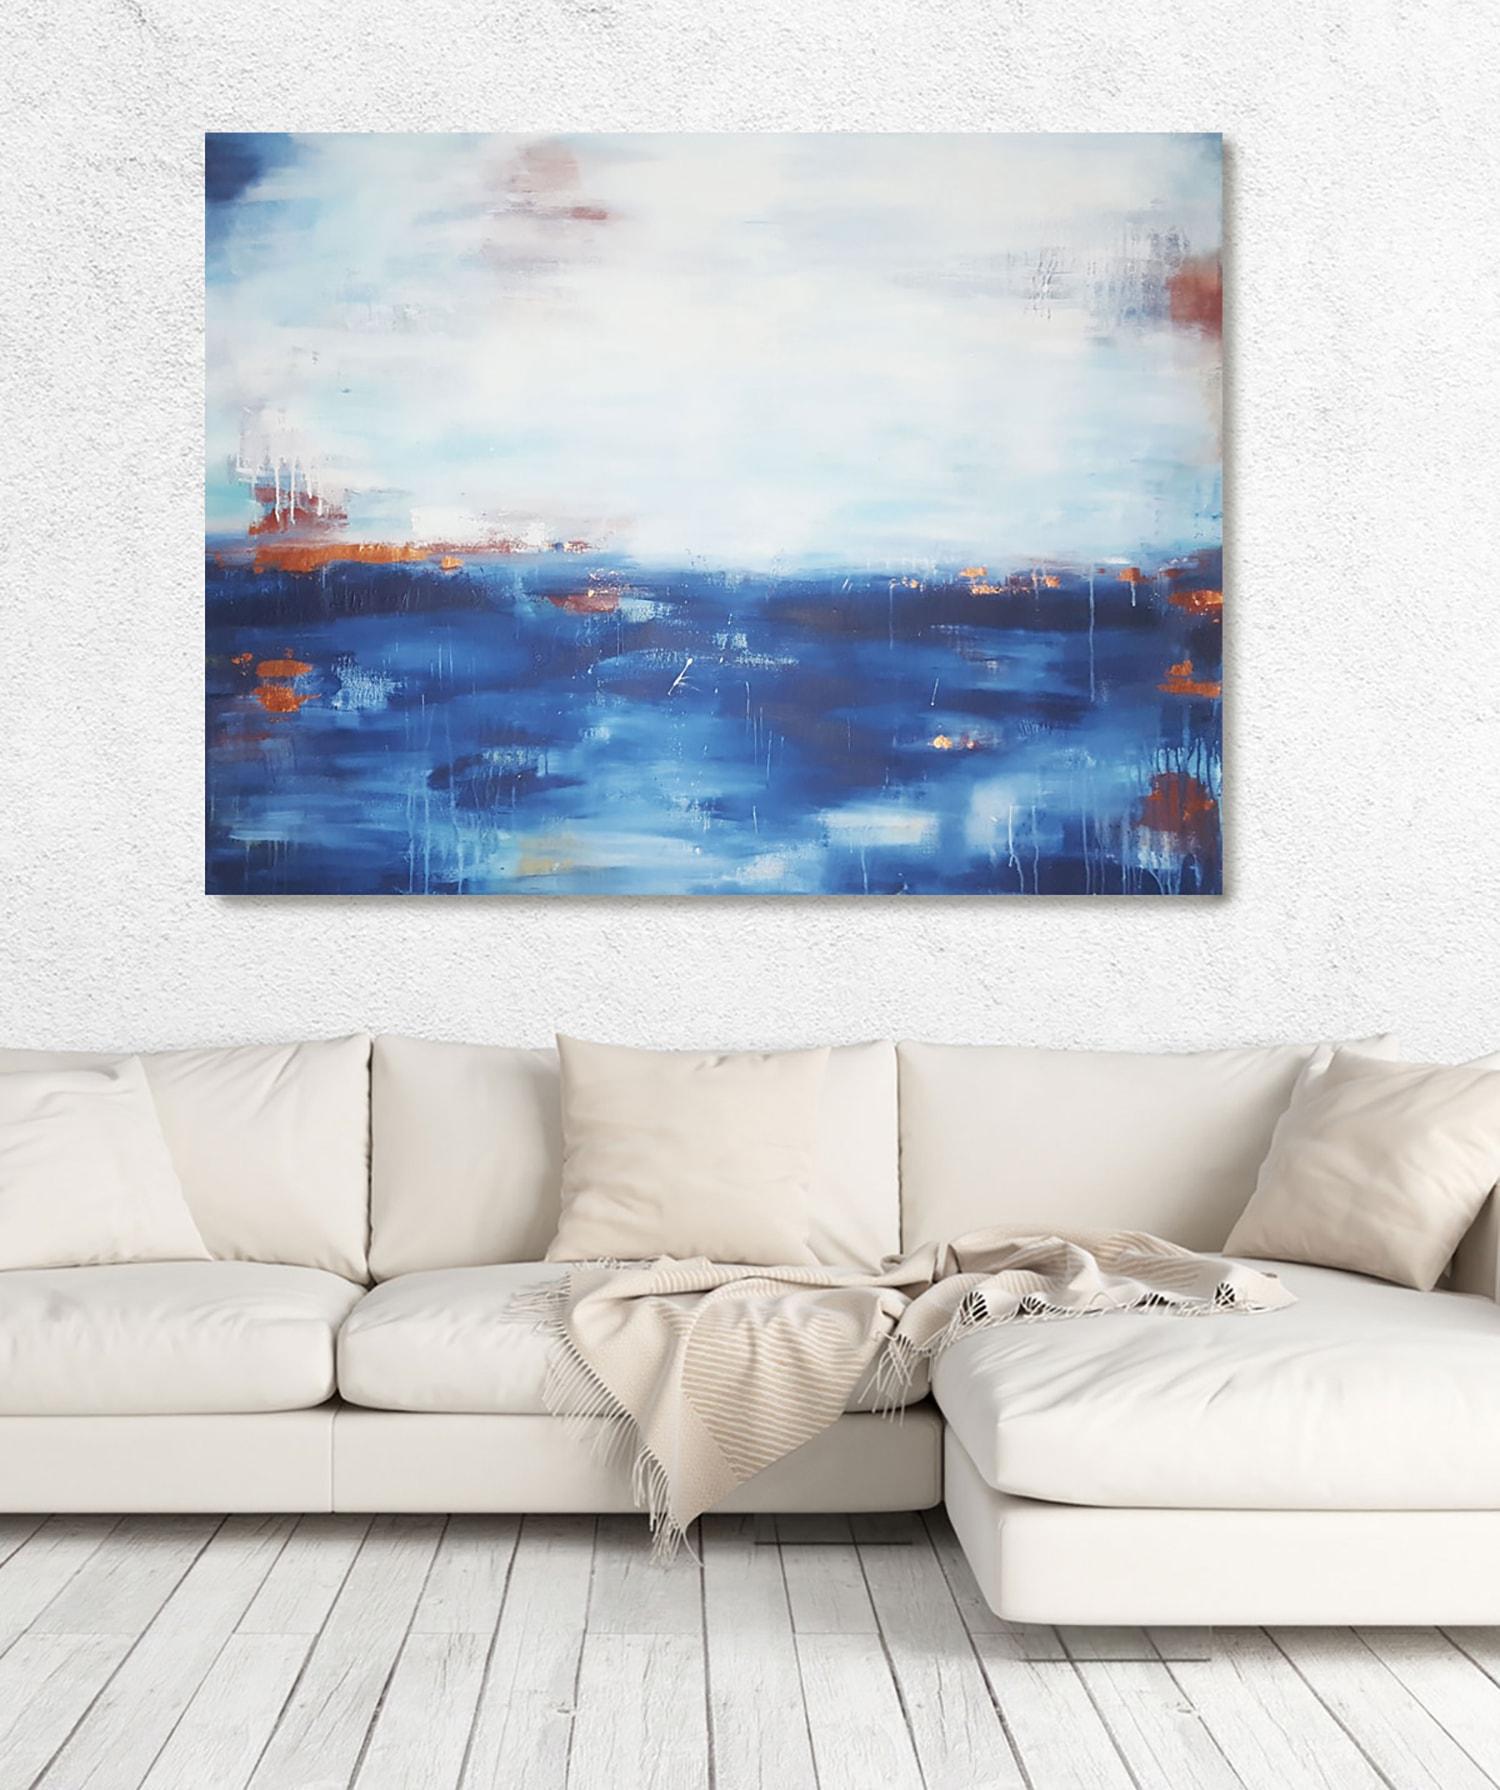 gro formatige kunst kaufen direkt aus dem kunstatelier. Black Bedroom Furniture Sets. Home Design Ideas